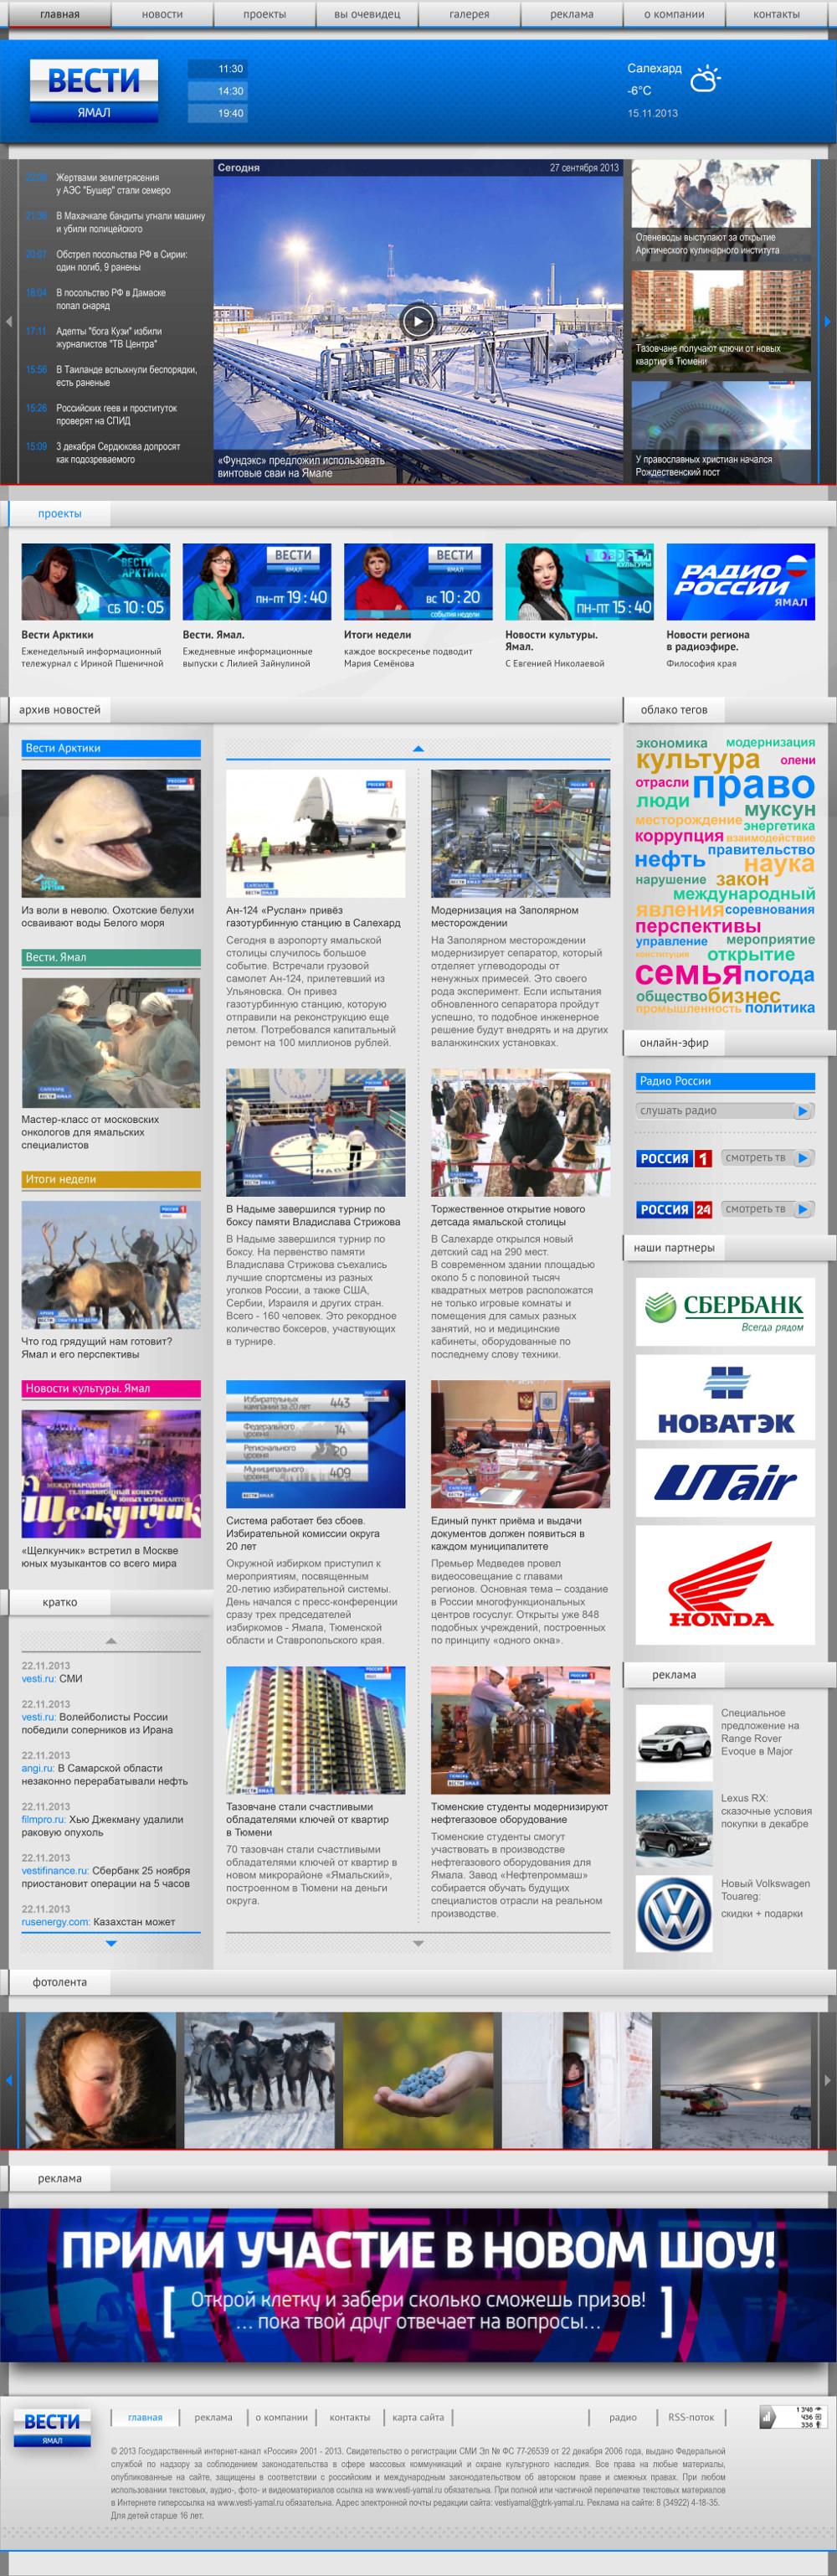 Создание сайта Вести. Ямал